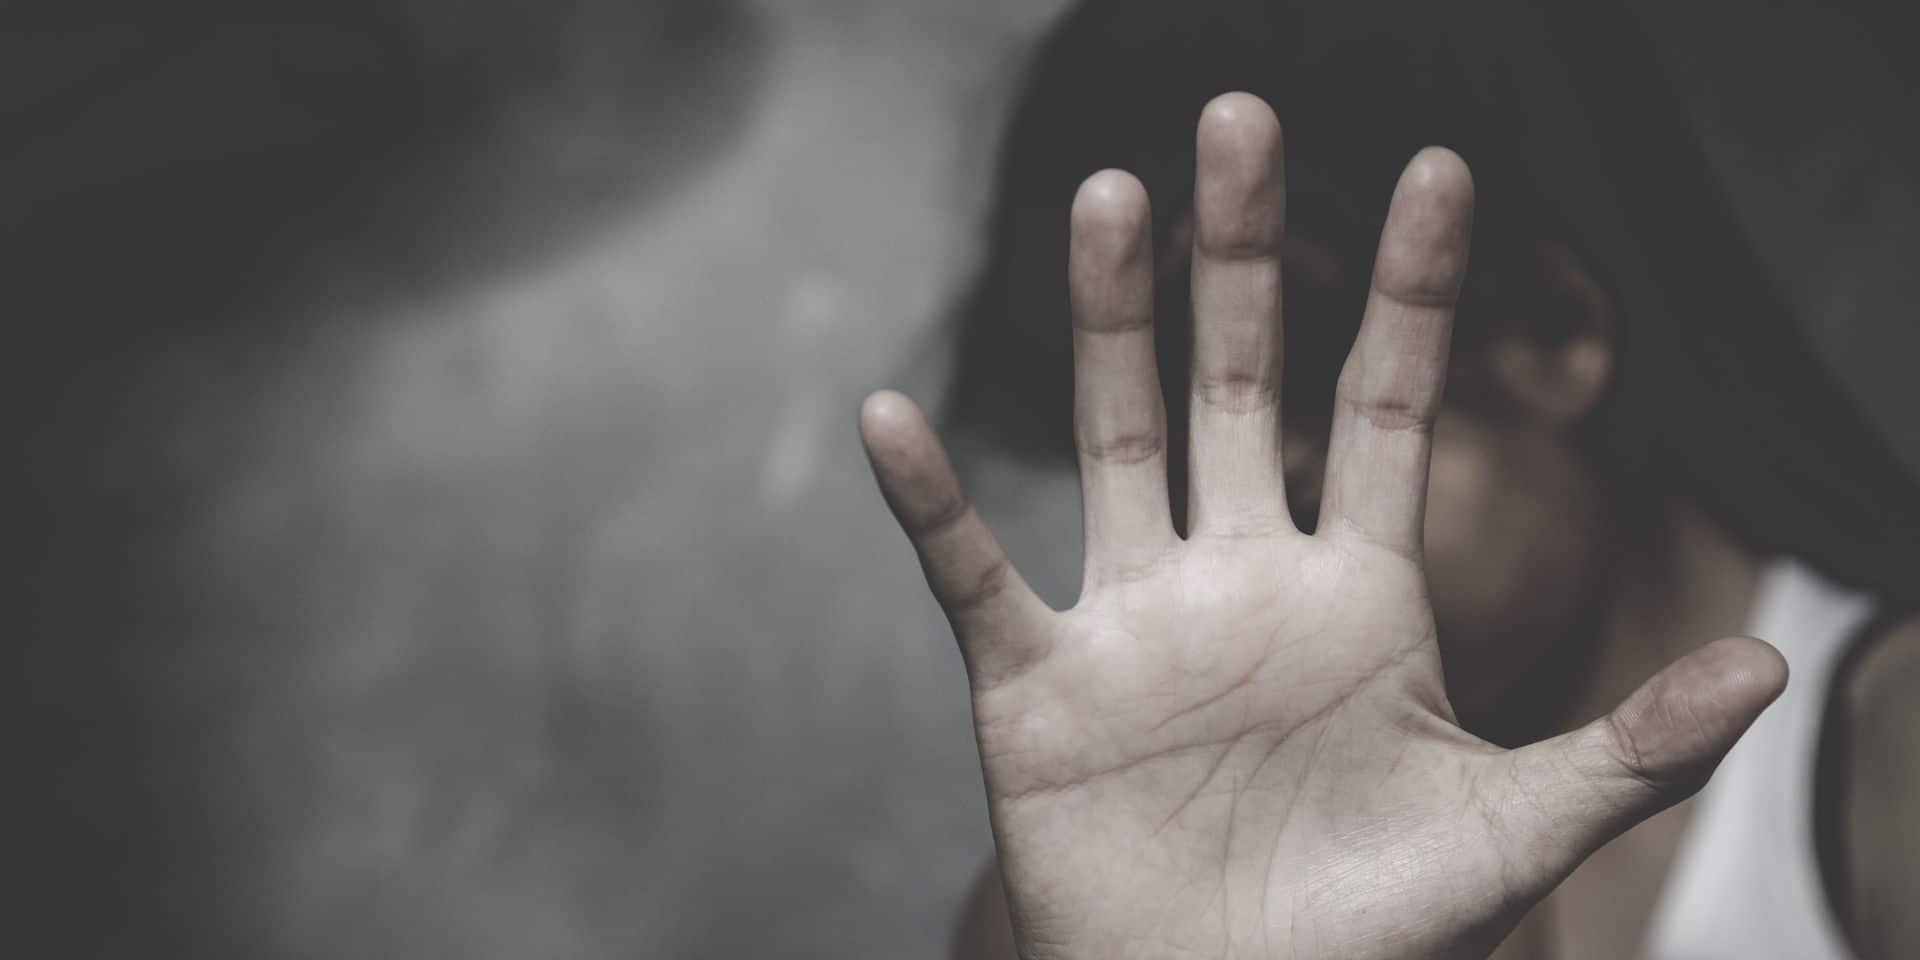 Violence domestique: davantage d'interdictions de résidence durant le premier confinement